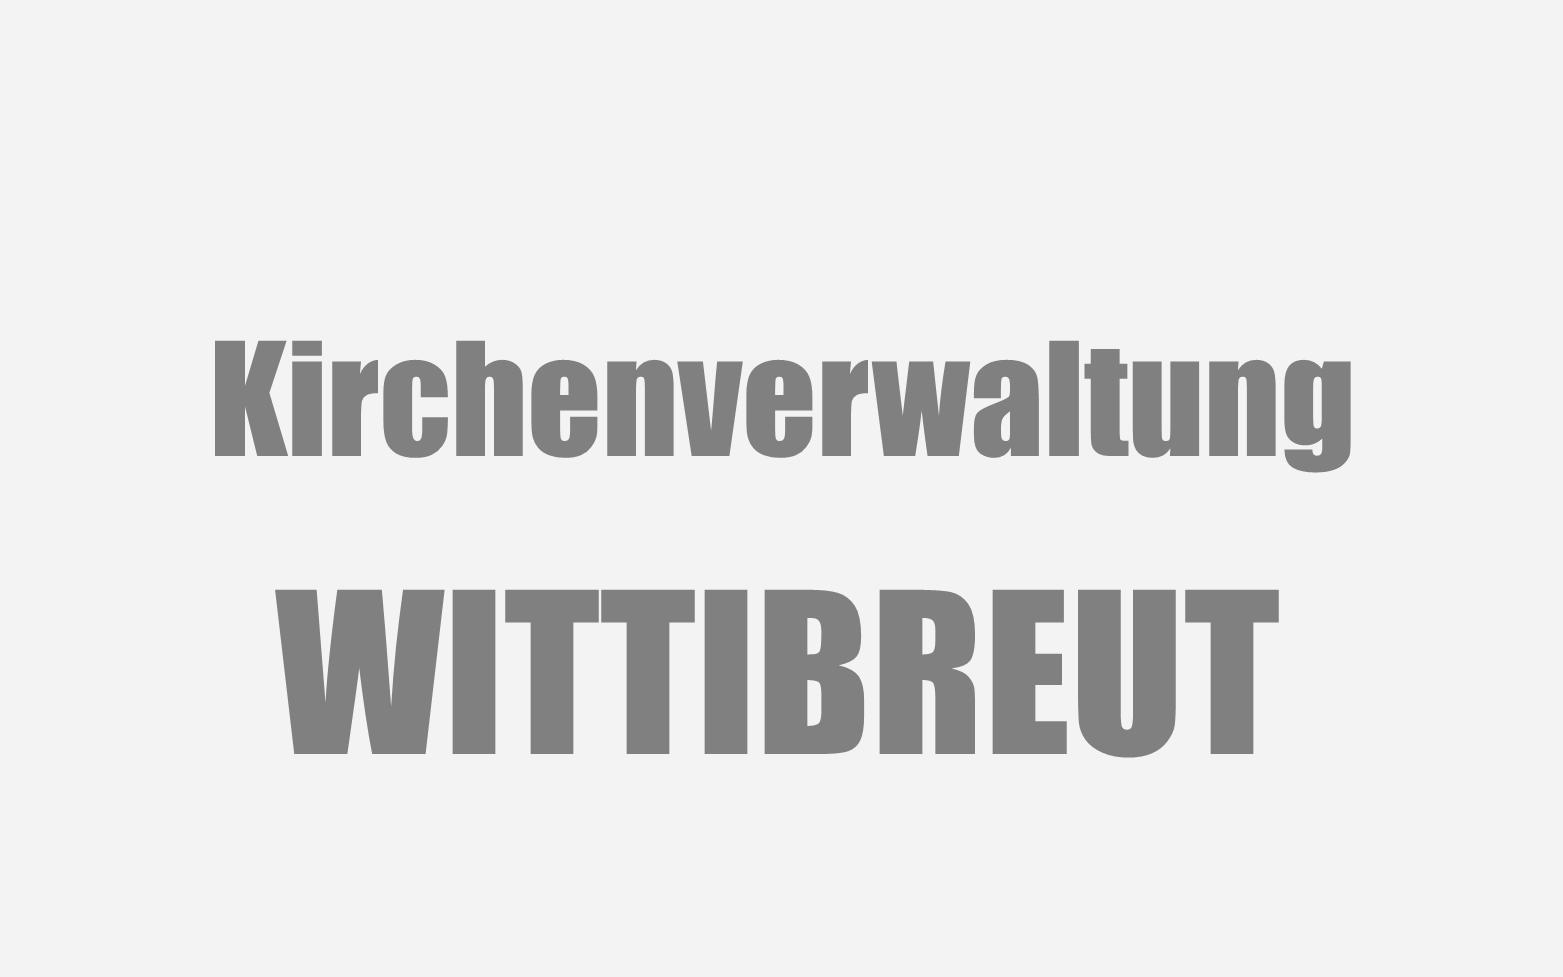 Wittibreut Kirchenverwaltung Symbolbild